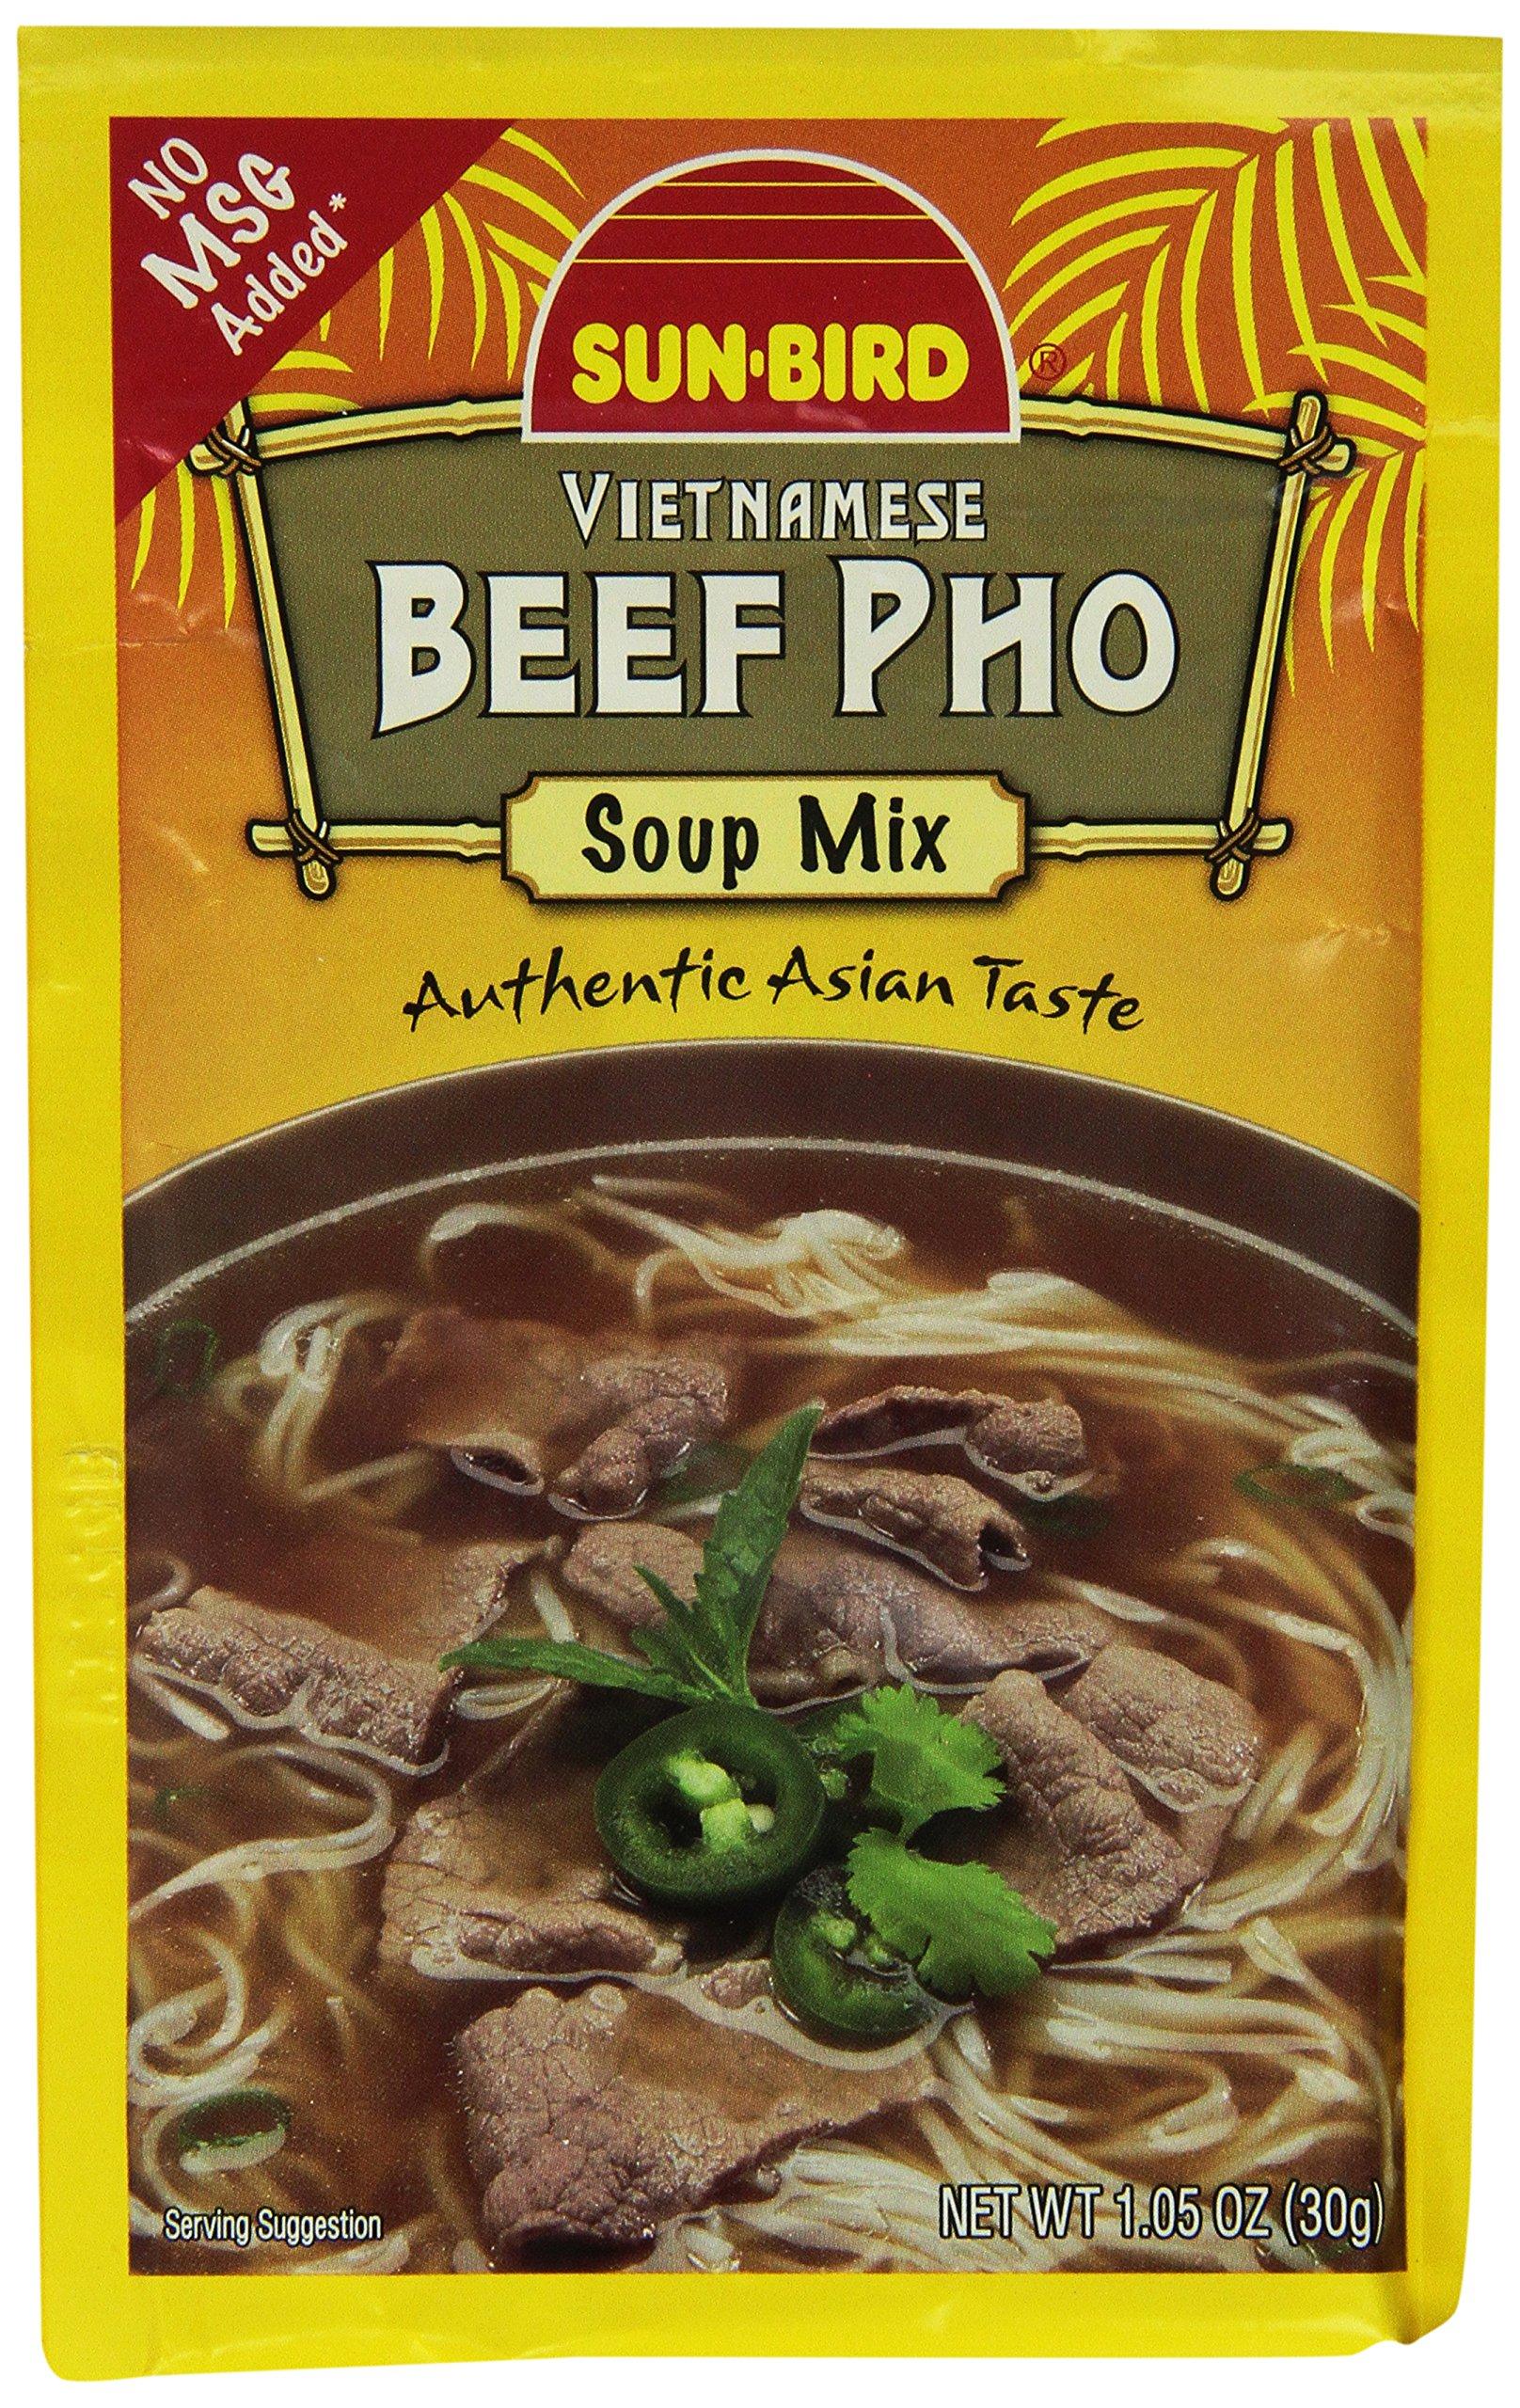 Sunbird Mix Soup Beef Pho by Sun Bird